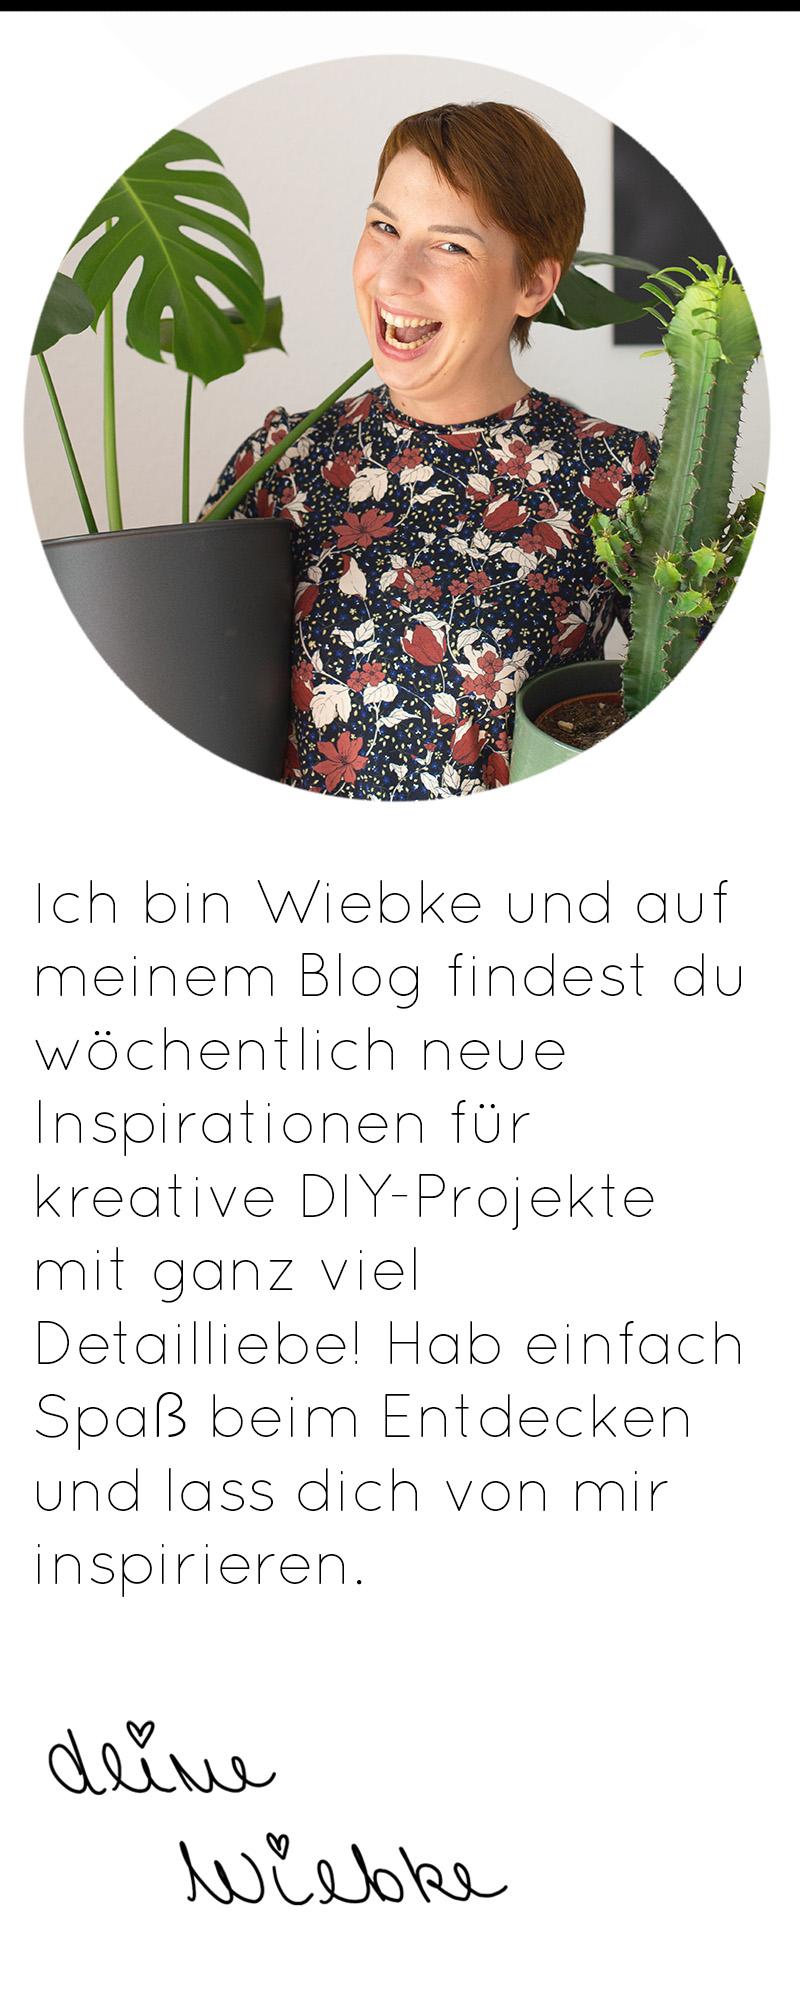 Wiebkeliebt | DER DIY Blog mit kreativen Ideen zum Selbermachen